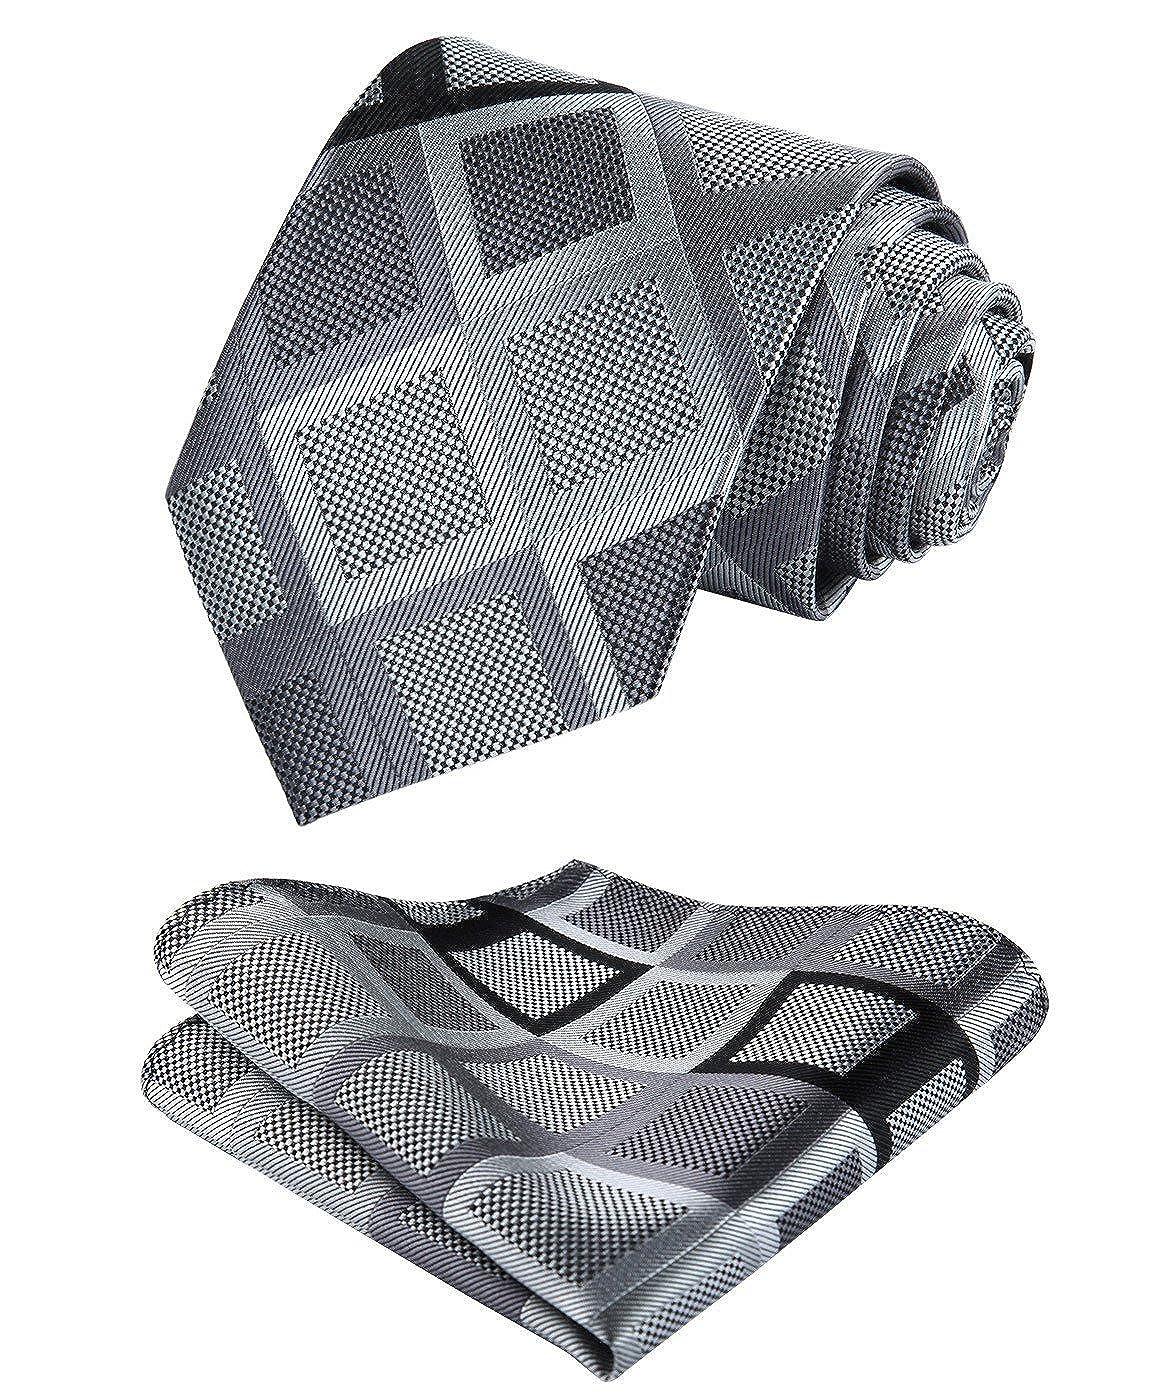 HISDERN Men's Check Plaid Tie Handkerchief Woven Classic Necktie & Pocket Square Set TS4017L8S